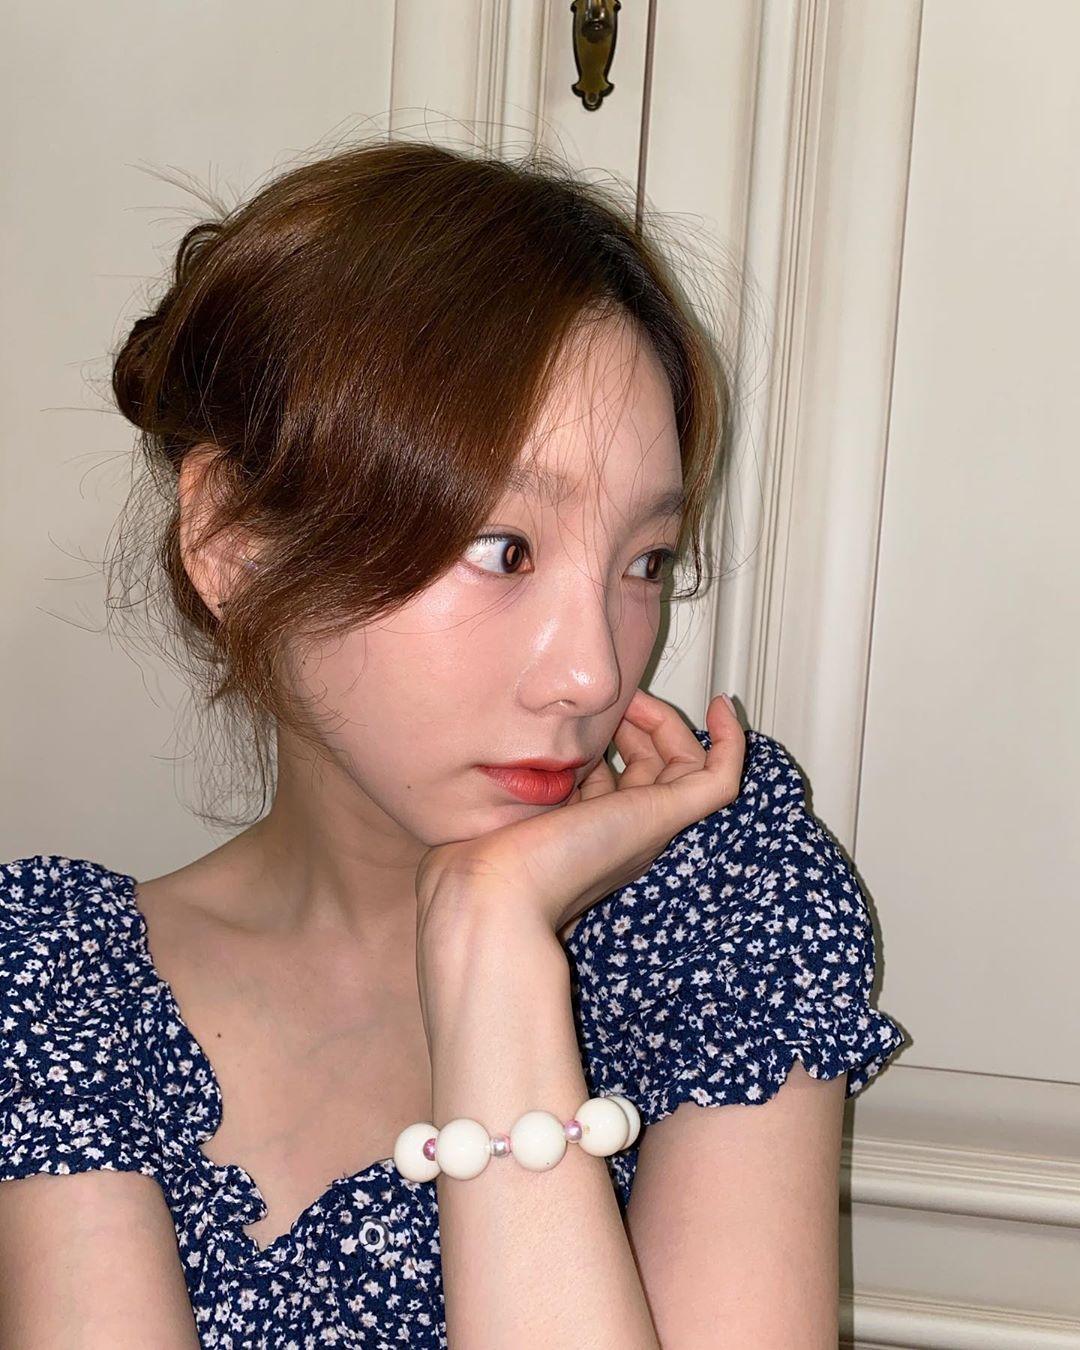 Nữ idol còn sắm cả vòng tay hạt nhựa - món đồ đặc trưng phong cách kẹo ngọt nổi tiếng ở Việt Nam những năm 2010.